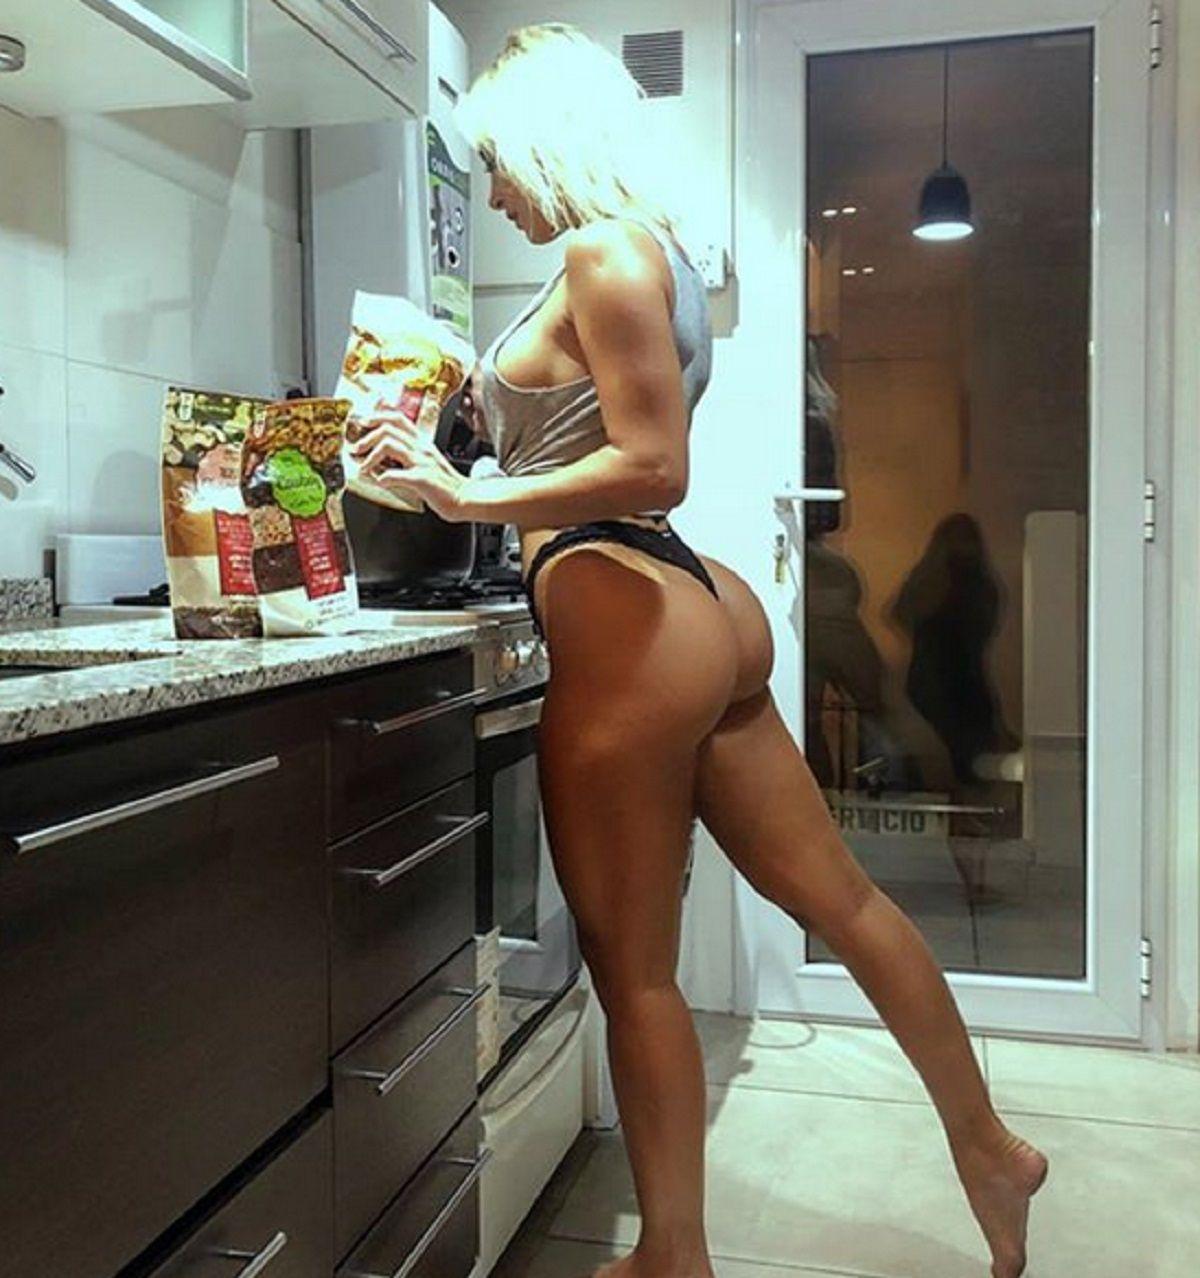 Annalisa Santi asegura que Sol Pérez le copió las fotos hot en la cocina